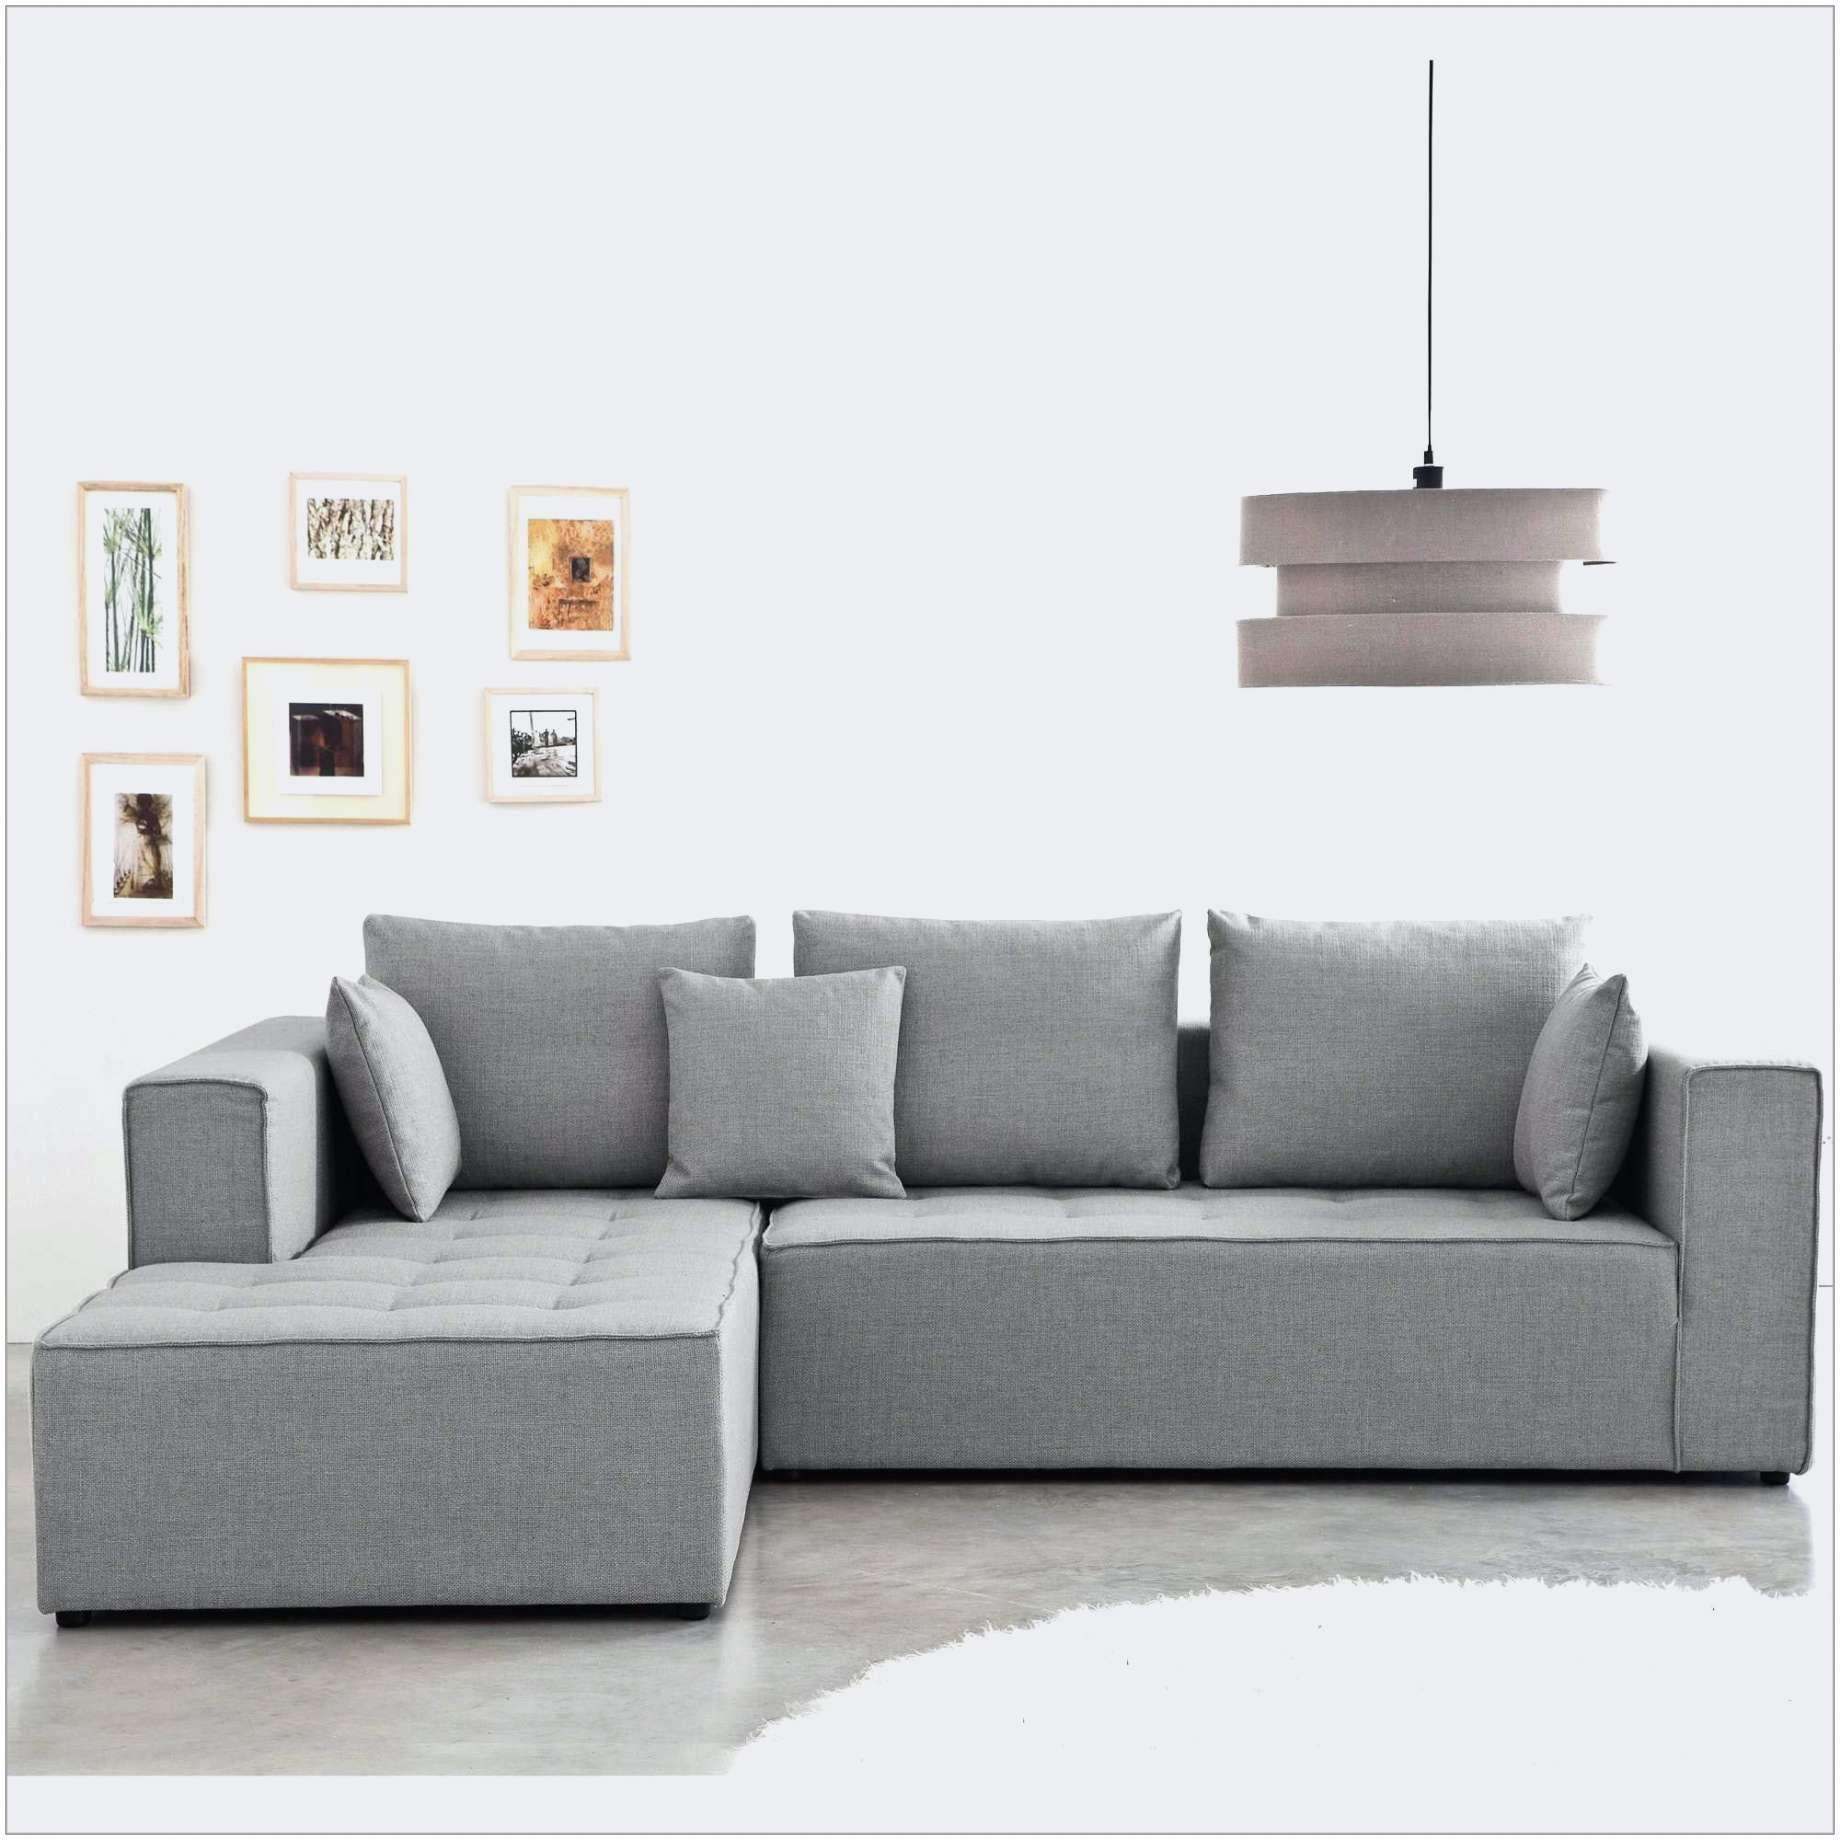 Canapé Lit Convertible Ikea Meilleur De Frais Canapé Sur Pied — Puredebrideur Pour Meilleur Canapé Lit